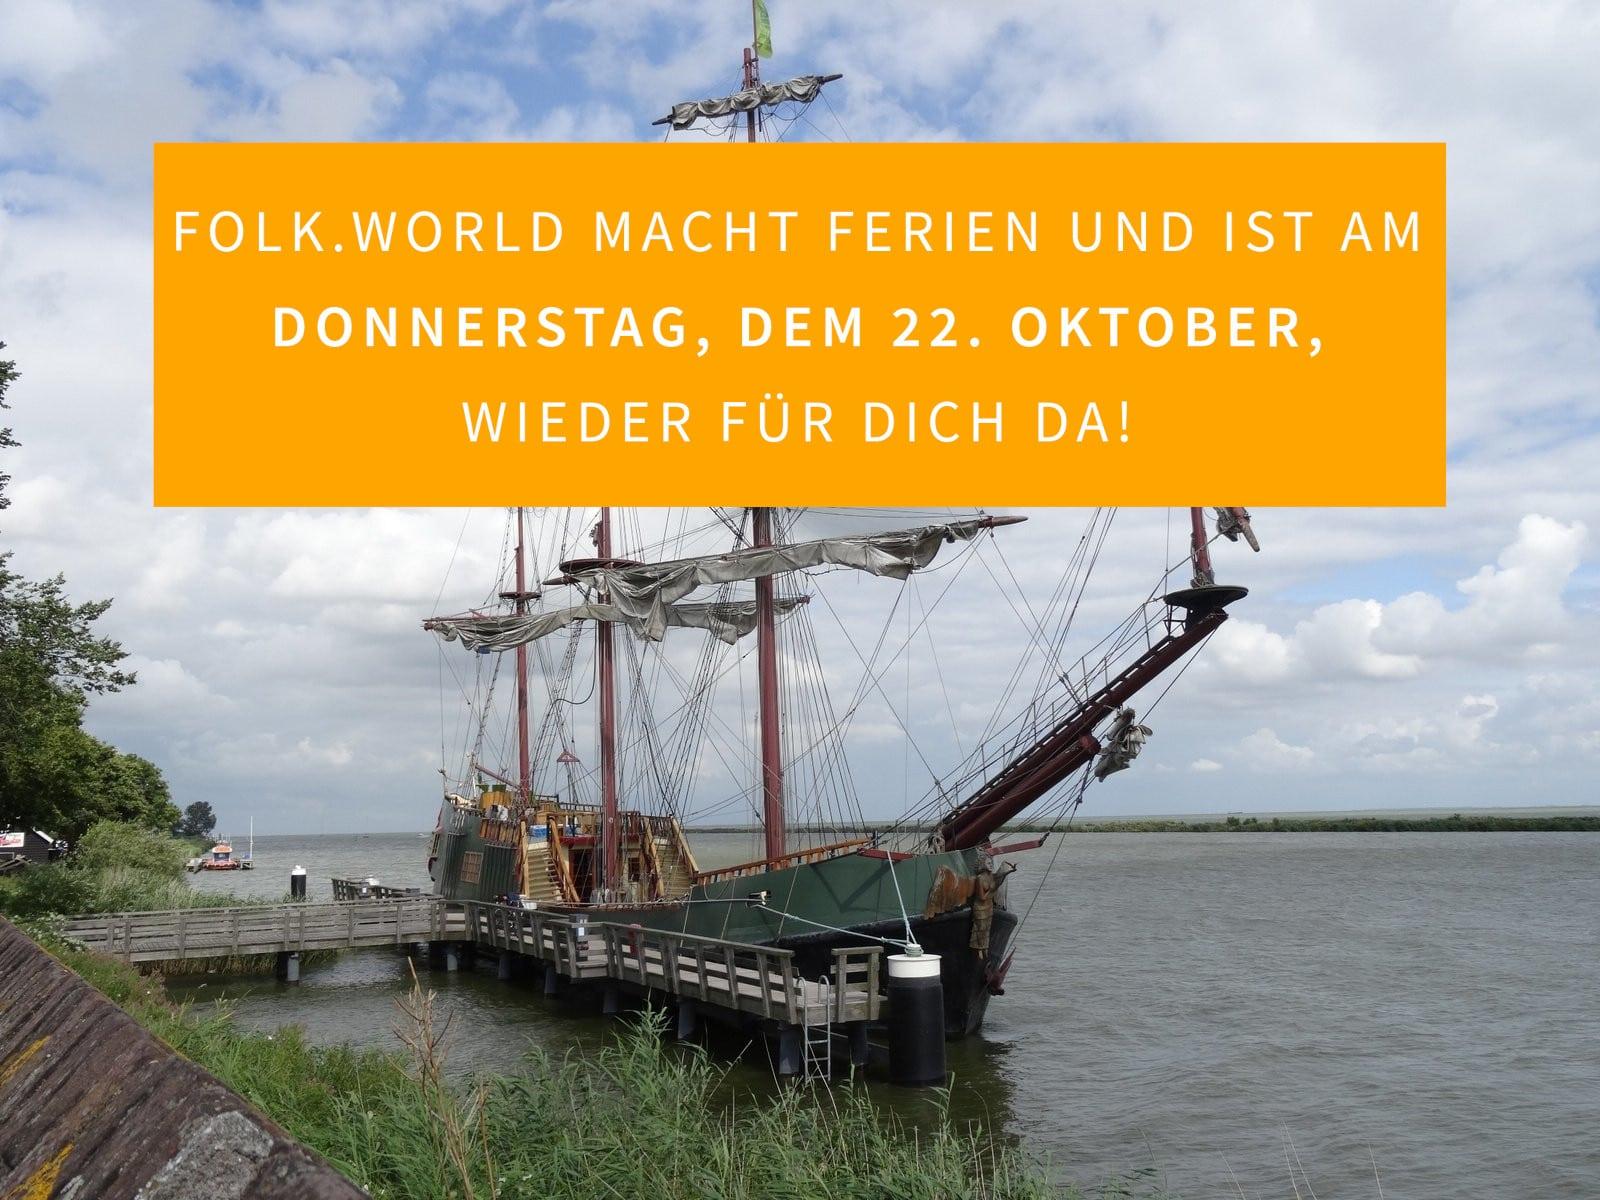 Folk.World macht Ferien und ist am Donnerstag, dem 22. Oktober, wieder für Dich da!